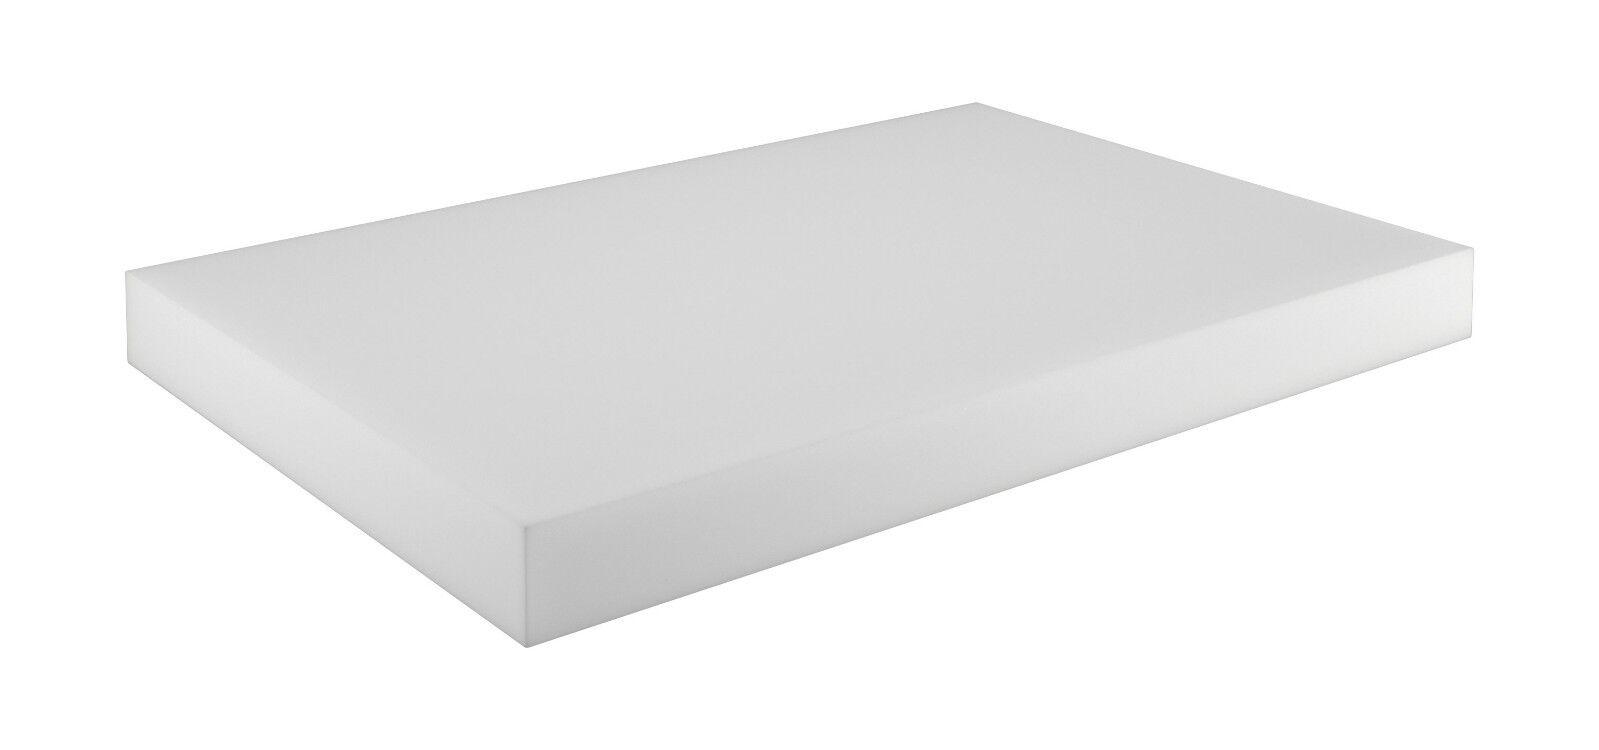 Schaumstoffplatte für Europalette Polsterauflage Matratze Zuschnitt 120x80cm Sitzkissen 120x80x10cm